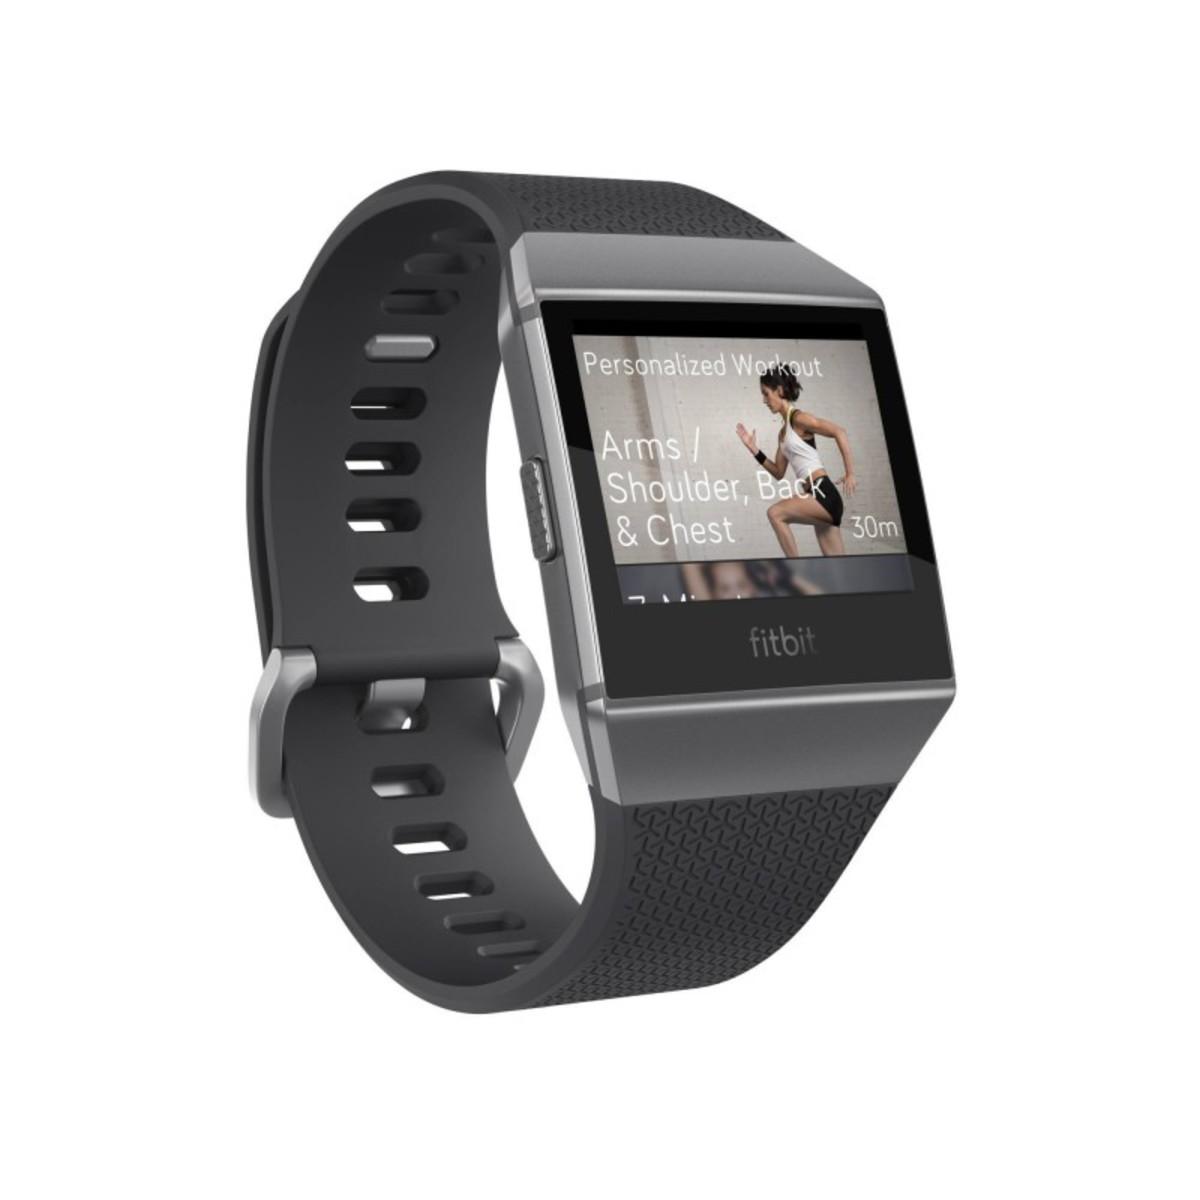 Bild 3 von Smartwatch Sportuhr Ionic mit HFM am Handgelenk, GPS und Musik